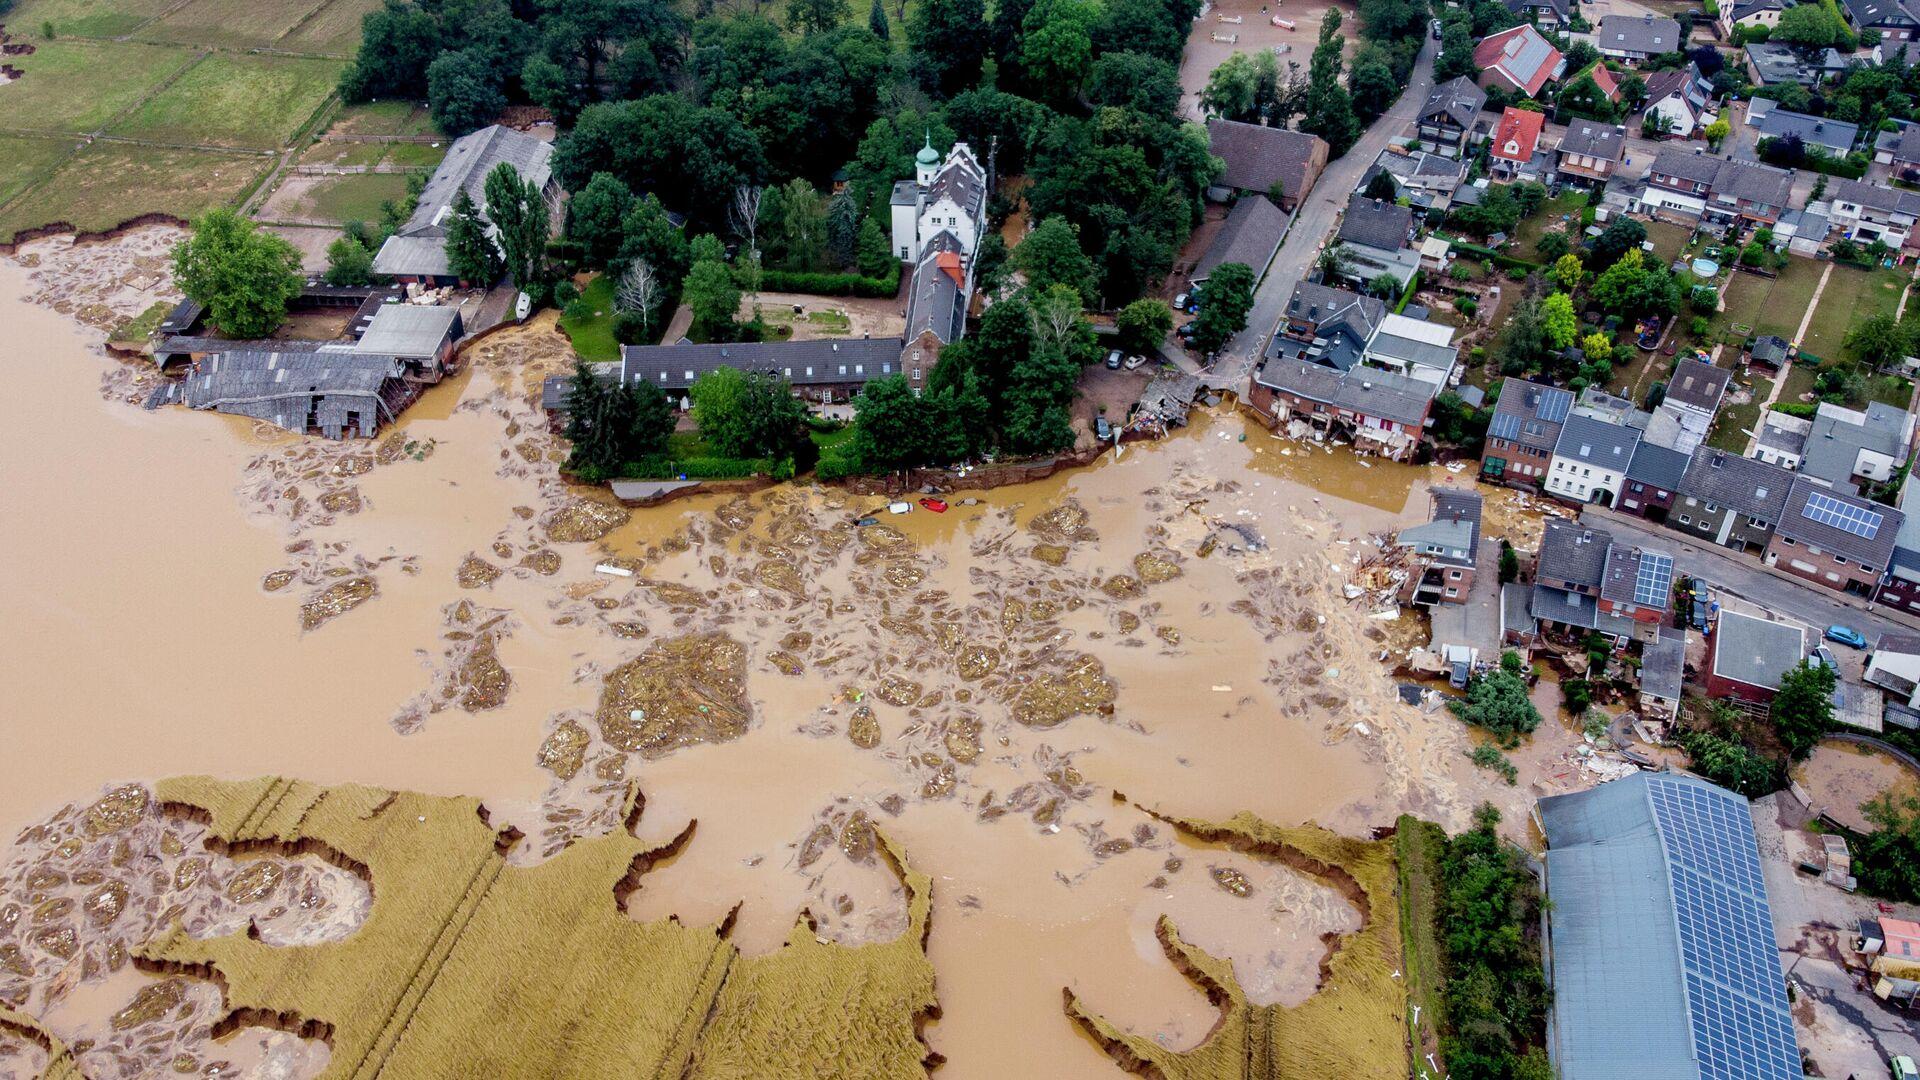 Поврежденный замок (слева) в Эрфтштадт-Блессем, Германия - РИА Новости, 1920, 25.07.2021